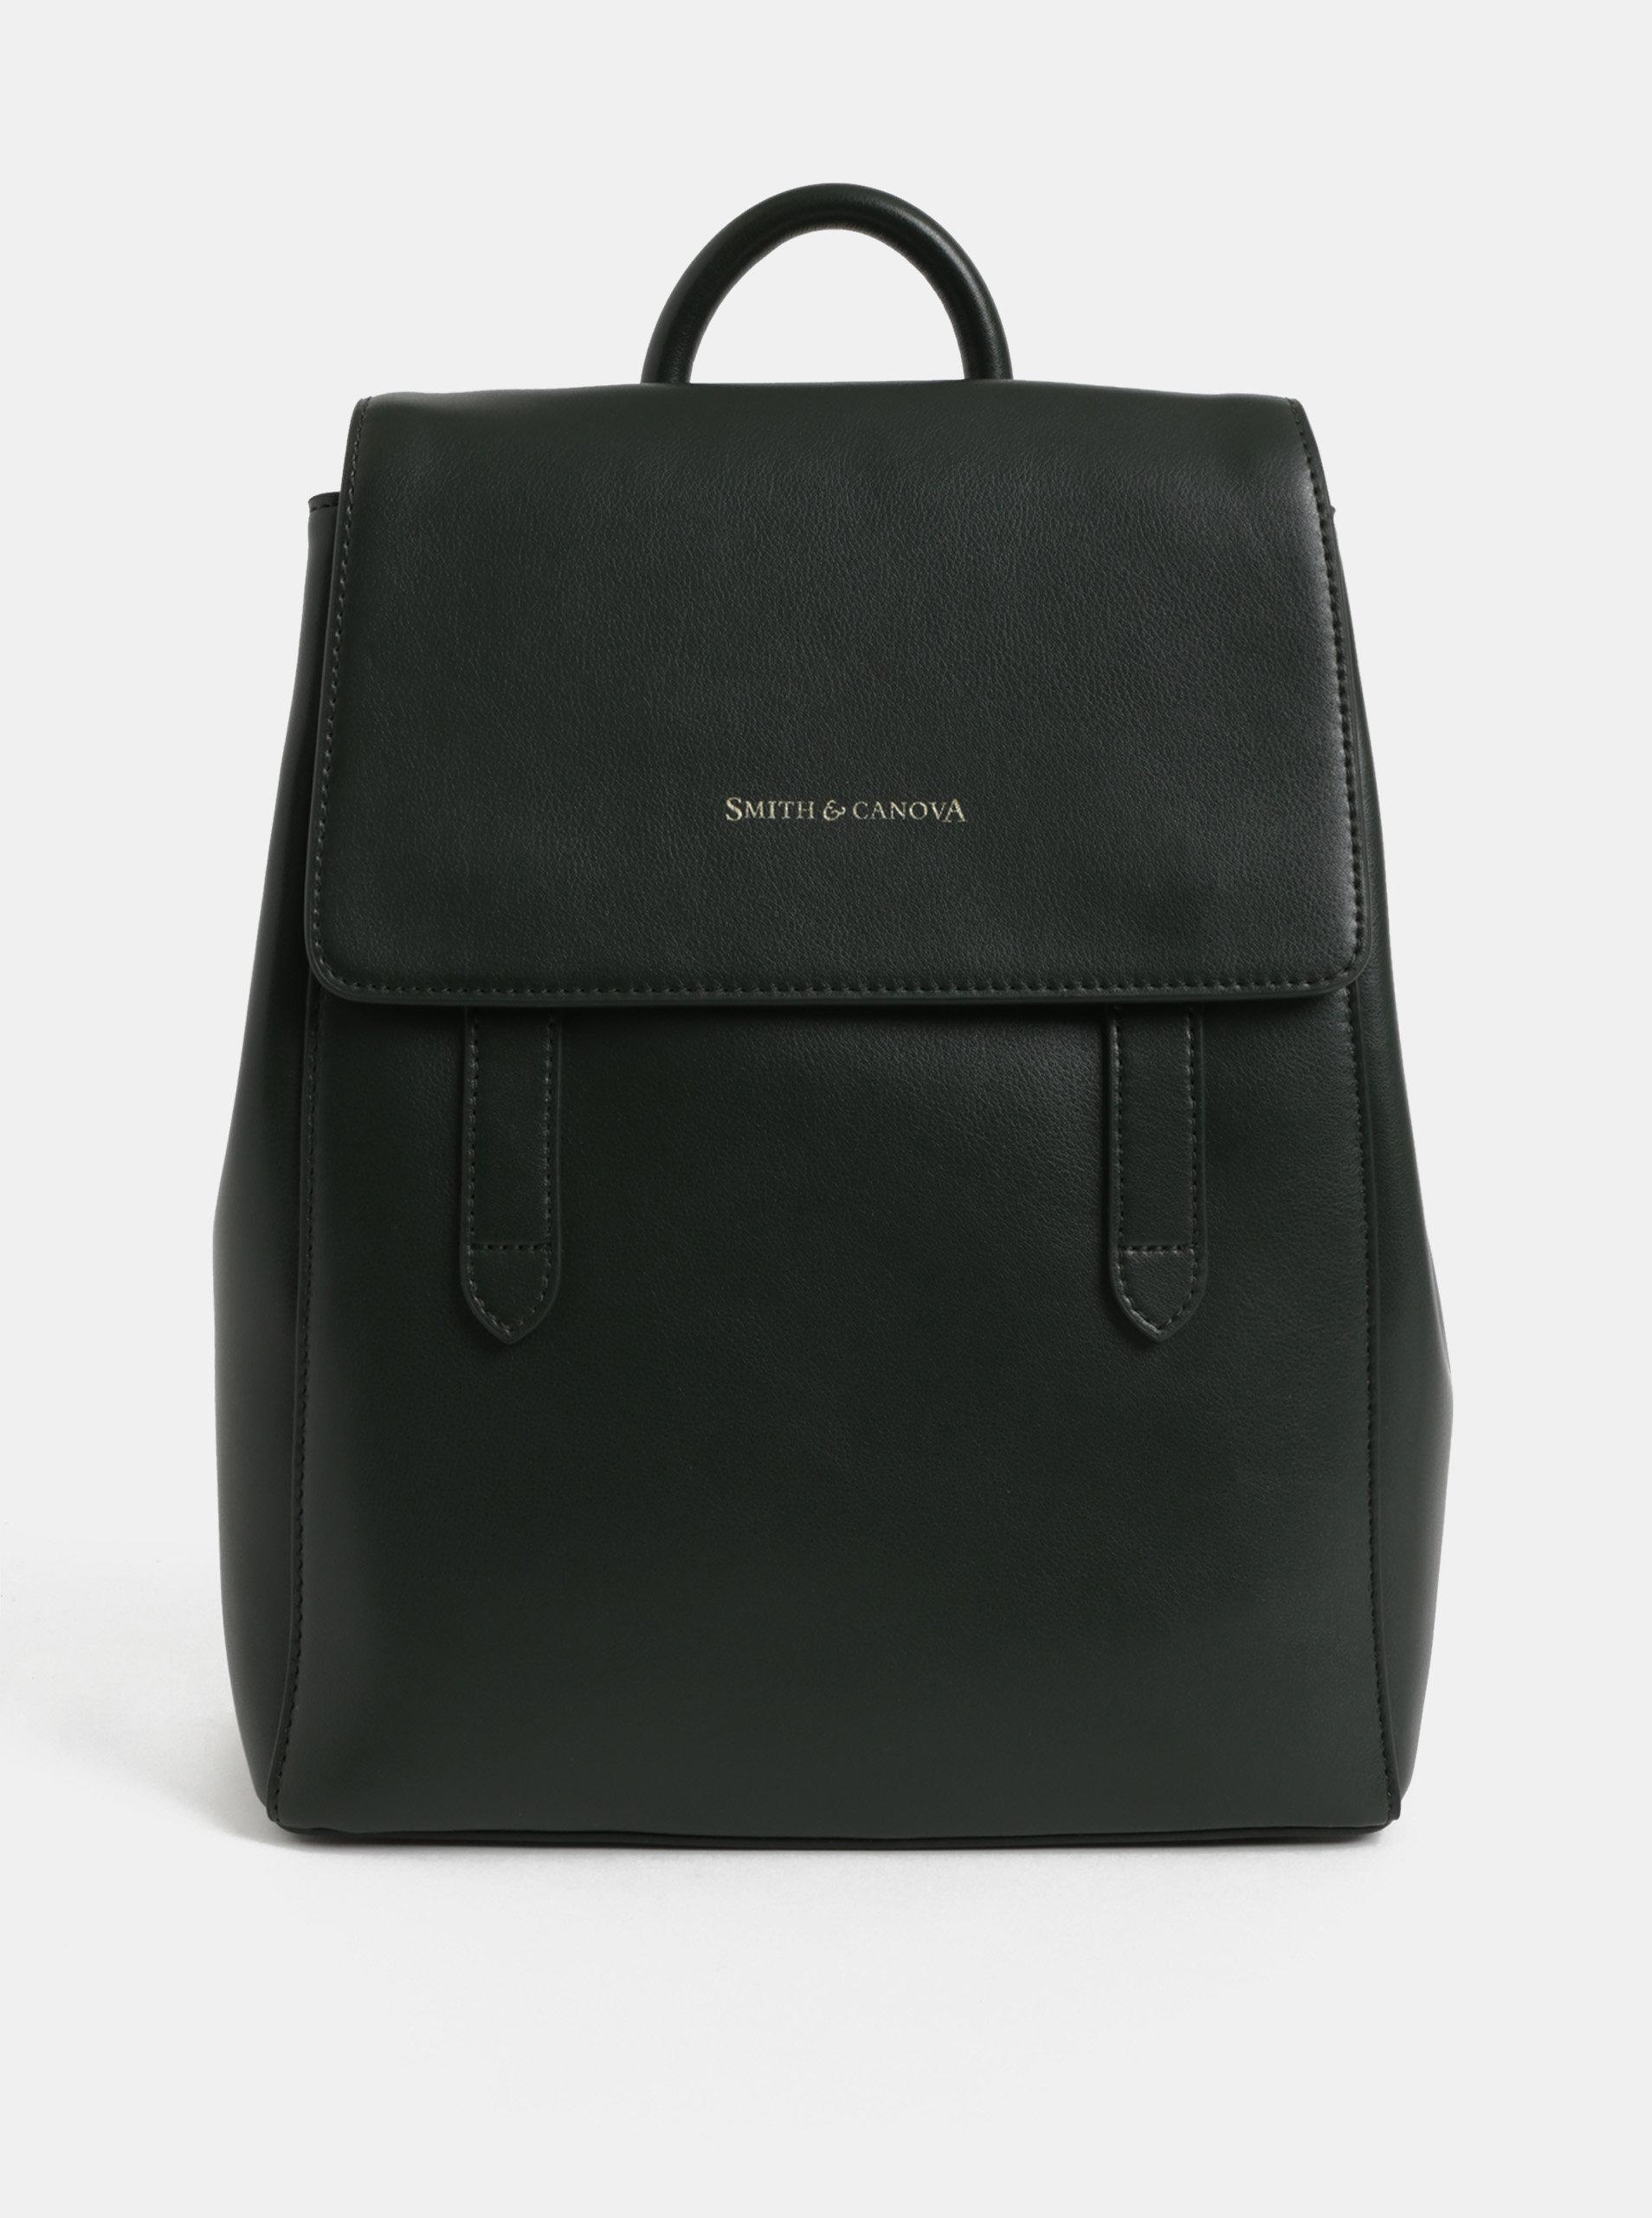 Tmavě zelený kožený batoh Smith   Canova ... 281b9f0b4e